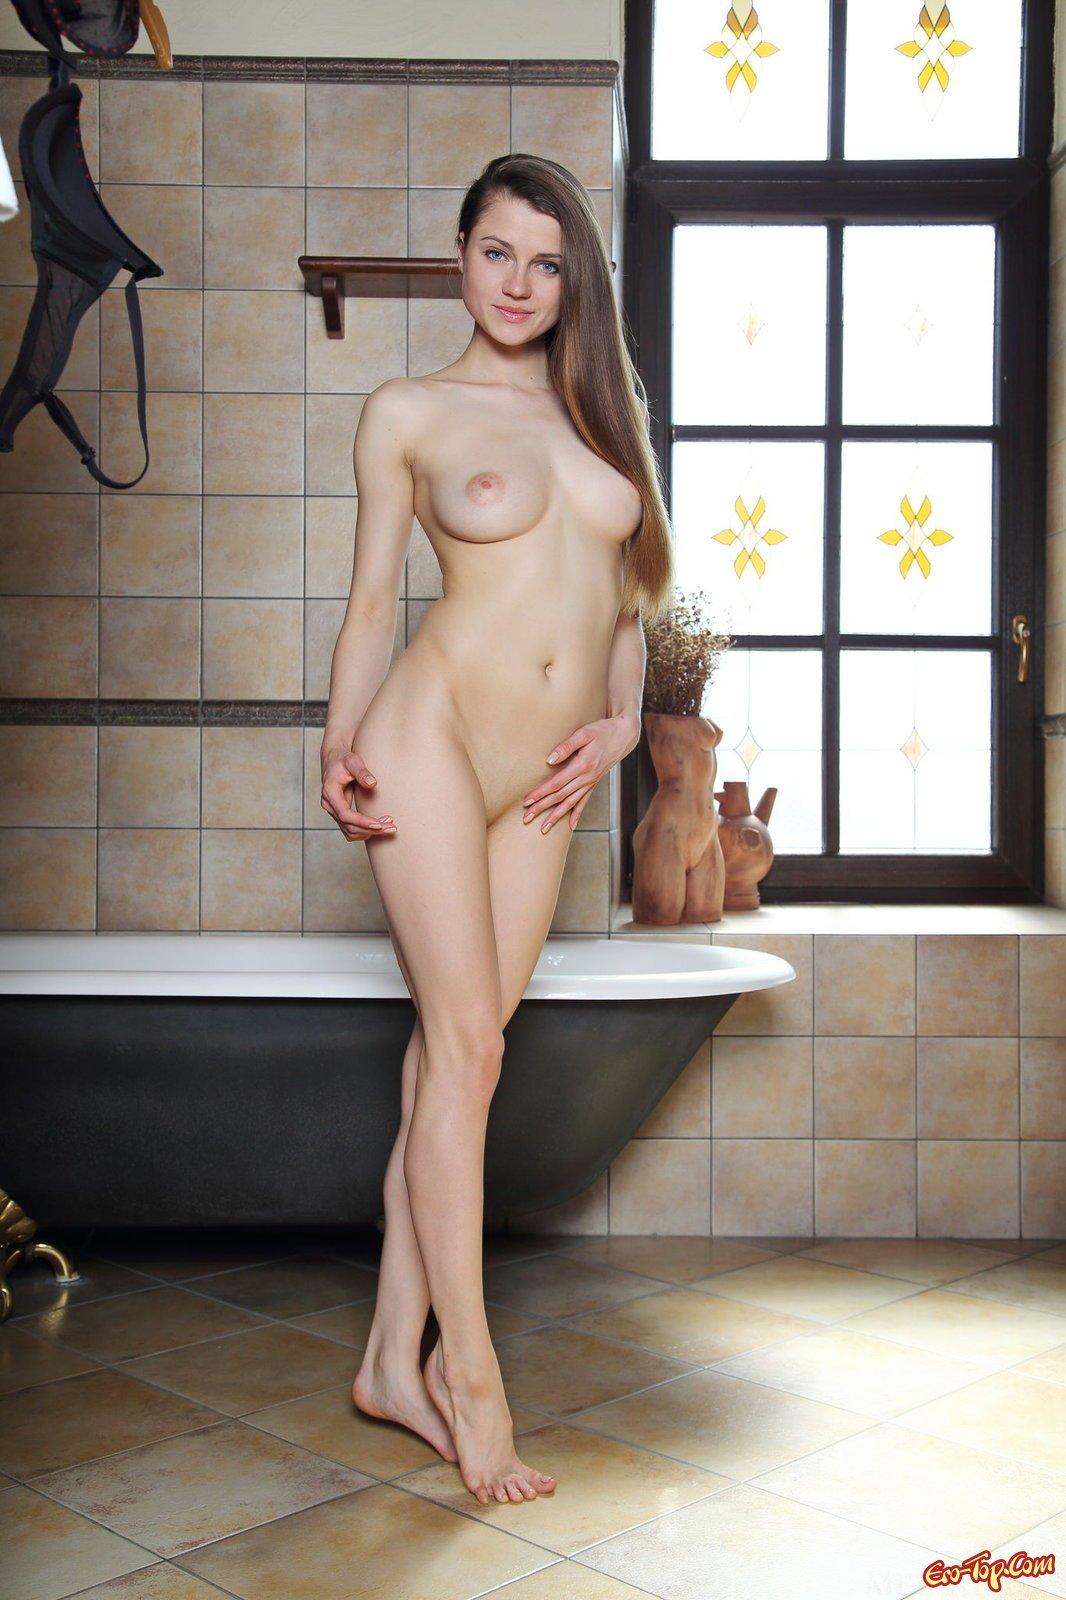 Красотка показывает грудь в ванной комнате